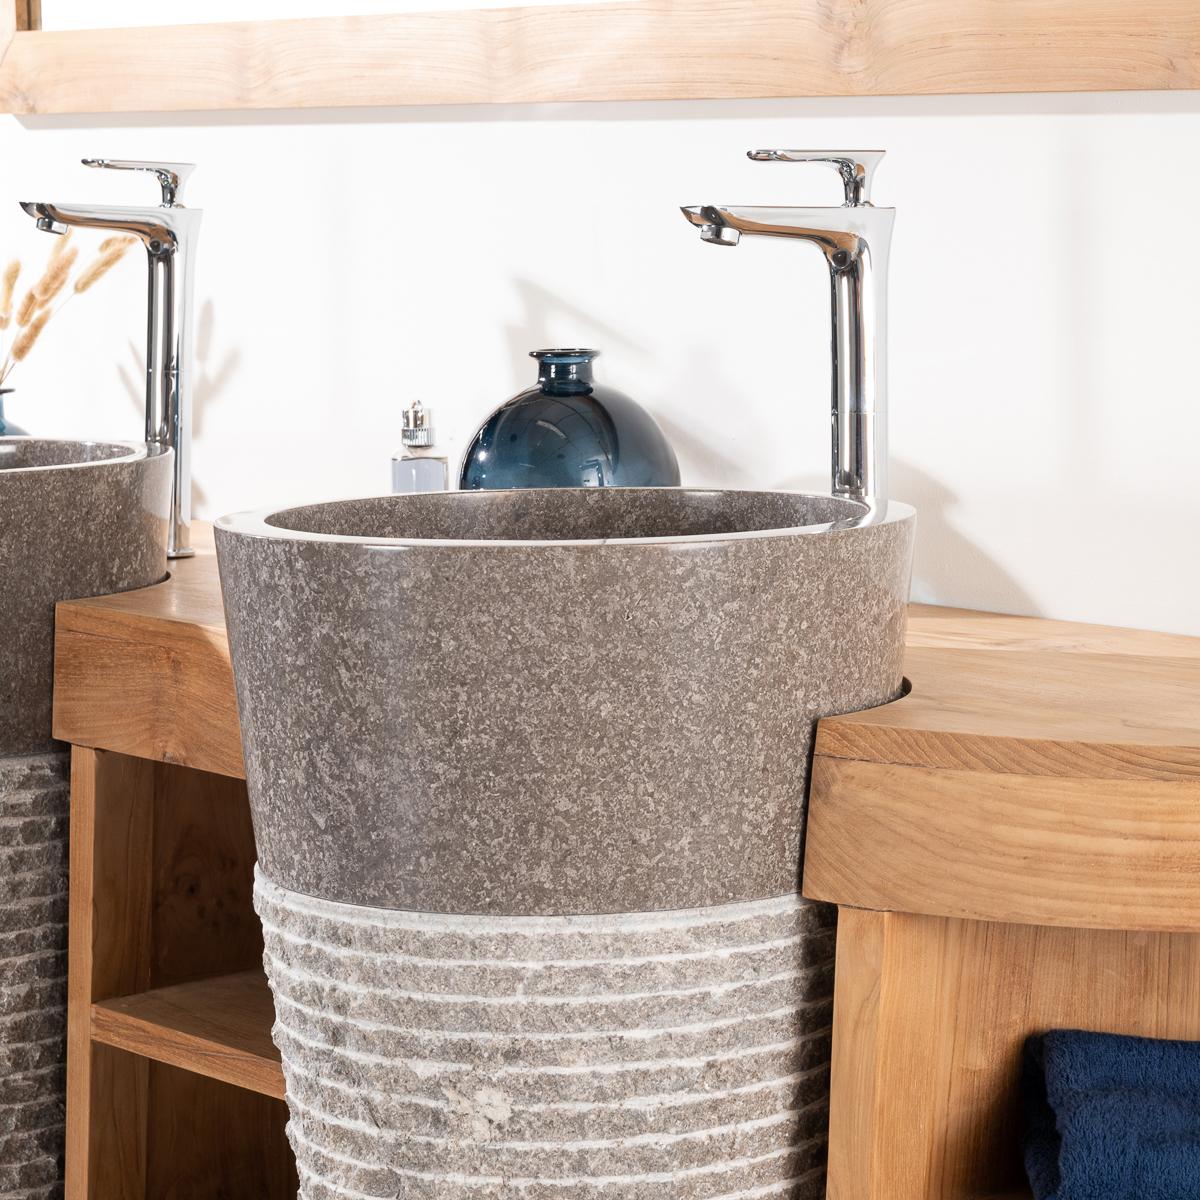 Meuble sous vasque (double vasque) en bois (teck) massif   vasques ...